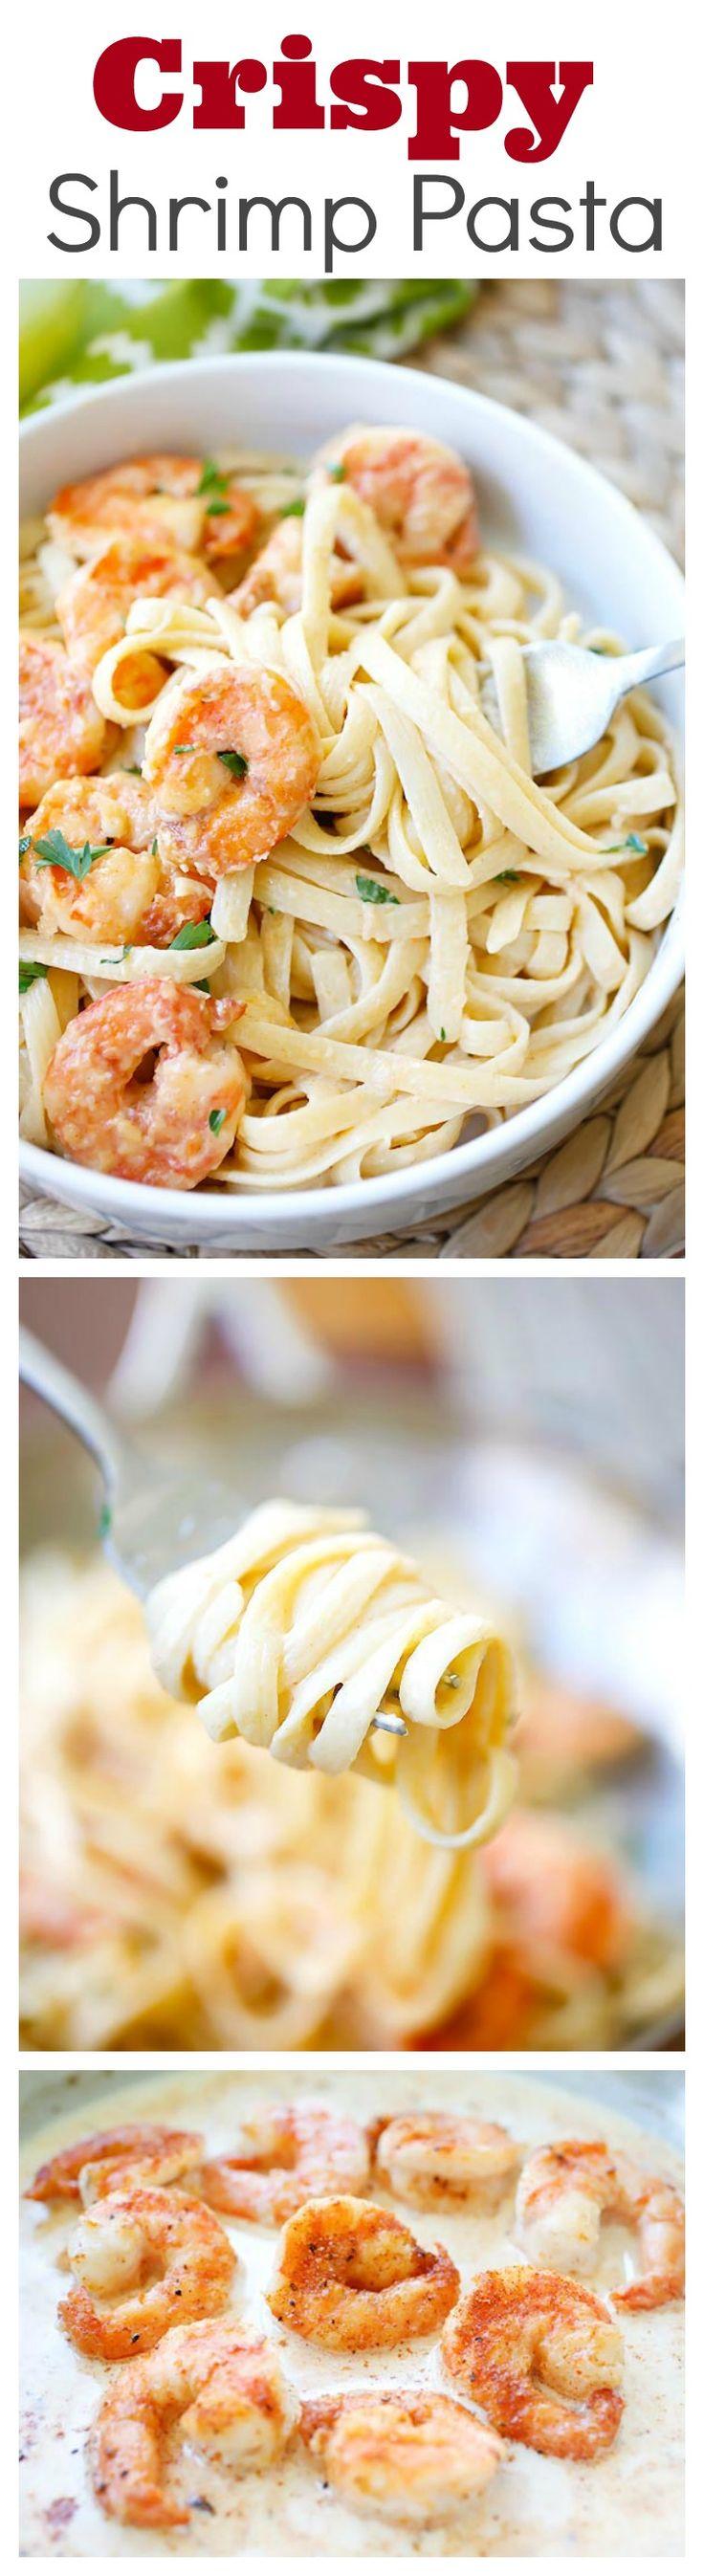 Crispy shrimp pasta – the best shrimp pasta ever with rich creamy sauce and cajun-seasoned crispy fried shrimp | rasamalaysia.com | @kevinandamanda